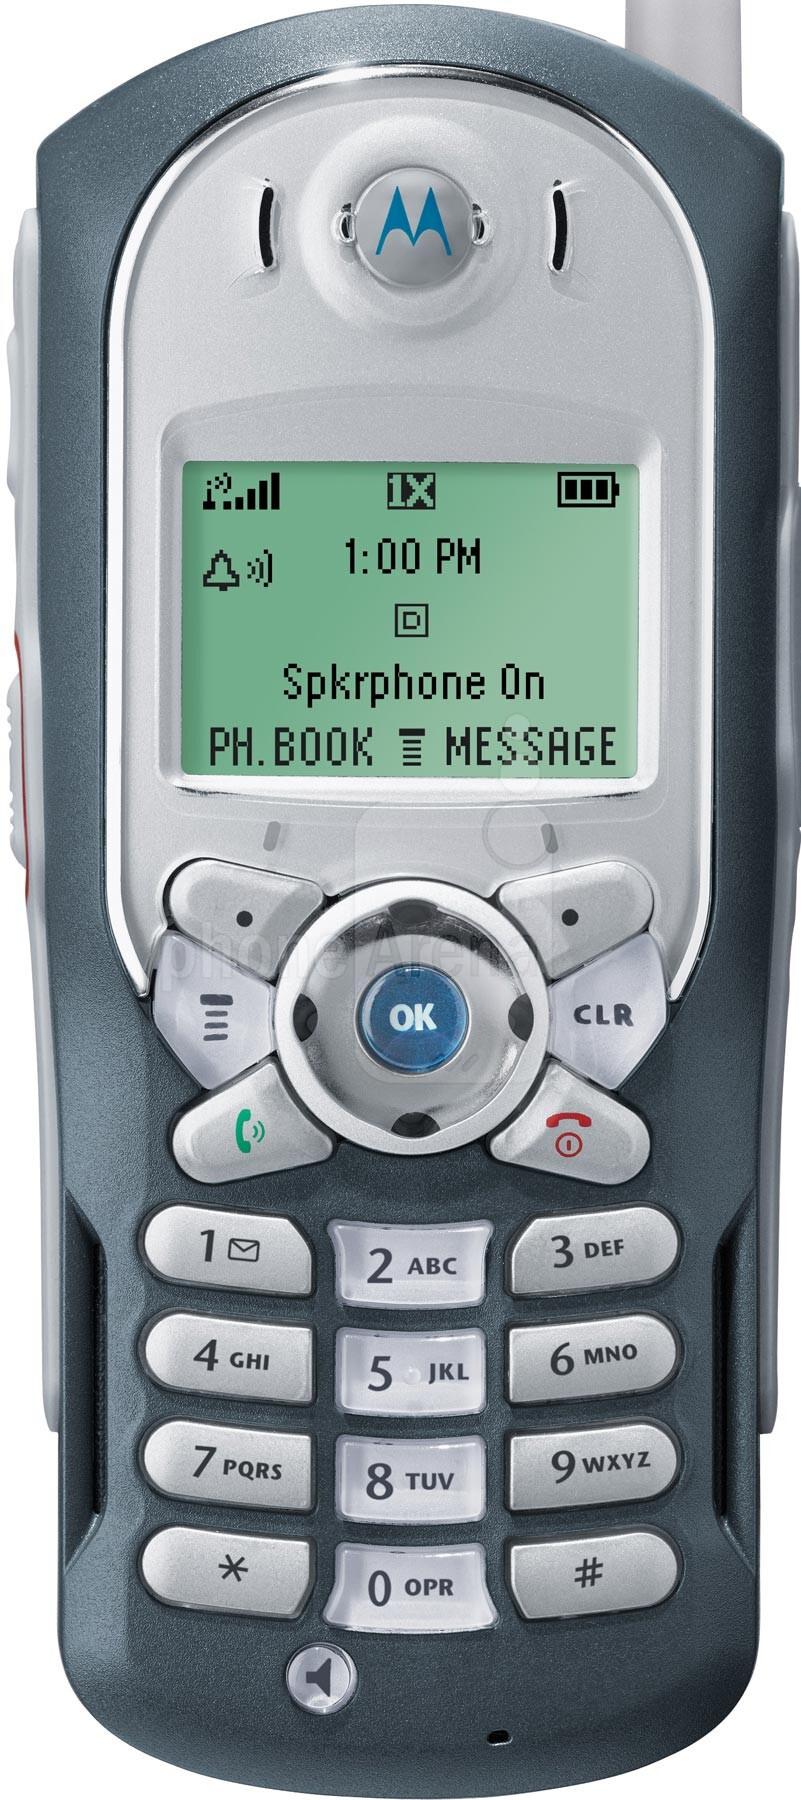 Motorola T300p